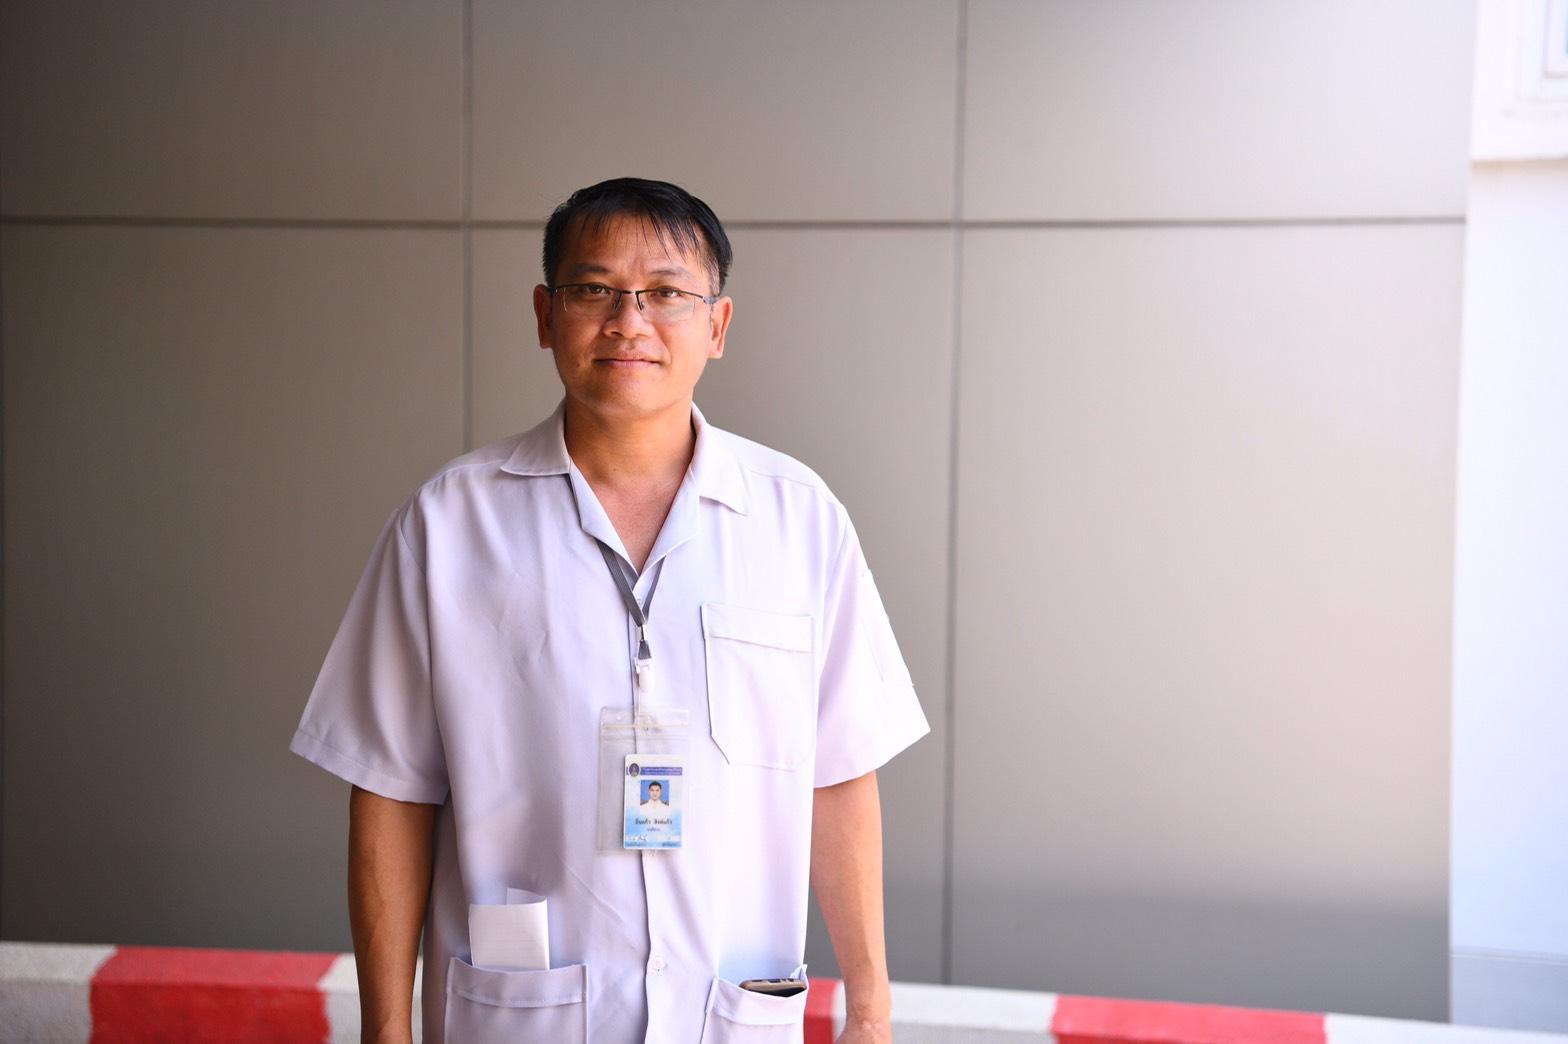 ชู รพ.สมเด็จพระยุพราชเชียงของ  ต้นแบบอำเภอขับเคลื่อนการใช้ยาและผลิตภัณฑ์สุขภาพ thaihealth